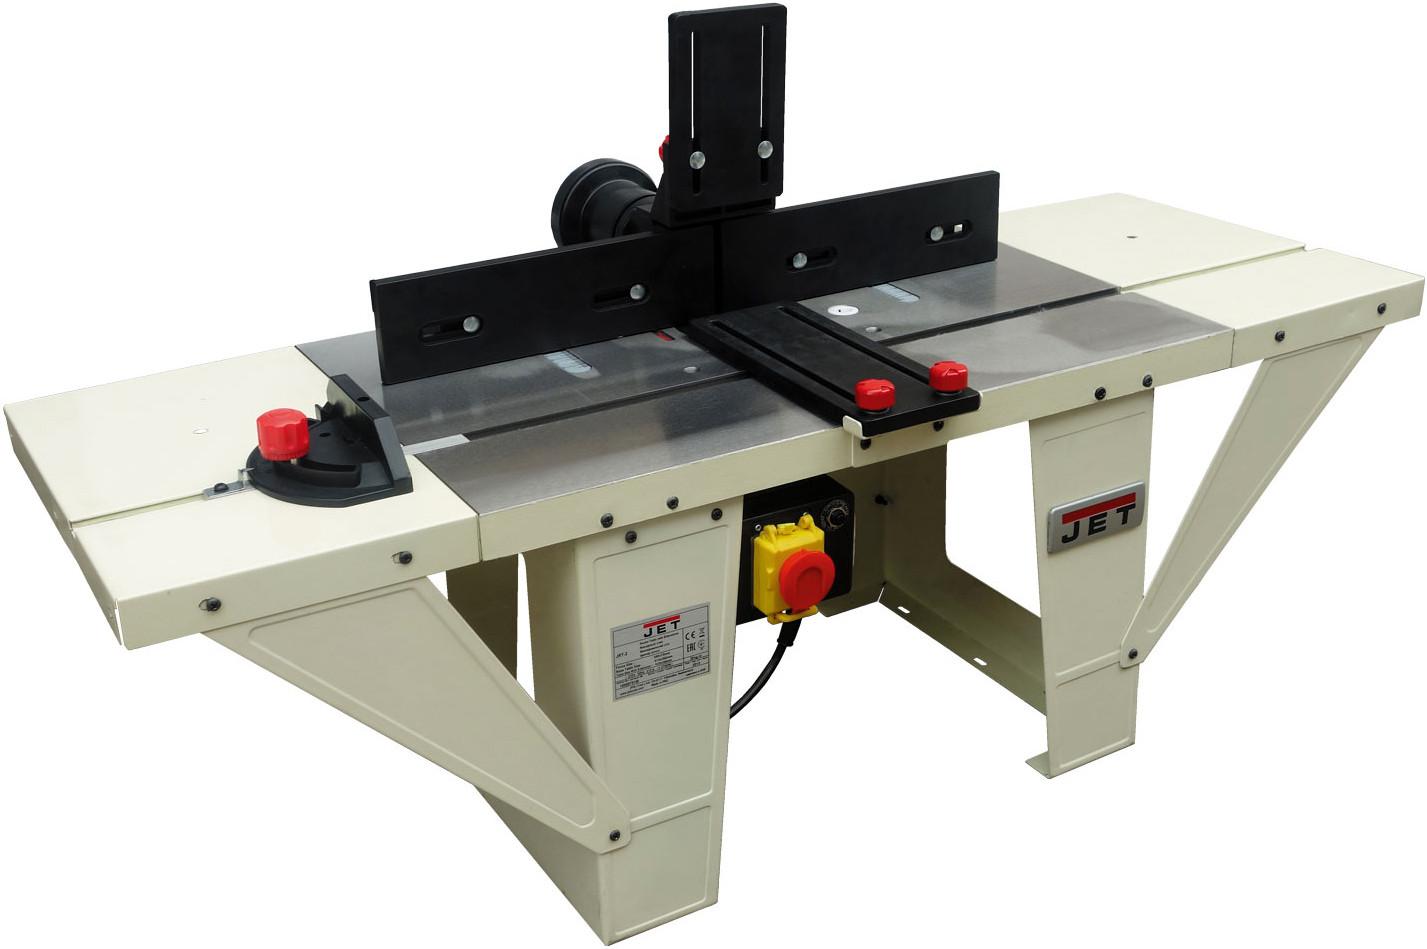 JRT-2 Універсальний чавунний фрезерний стіл фото 1